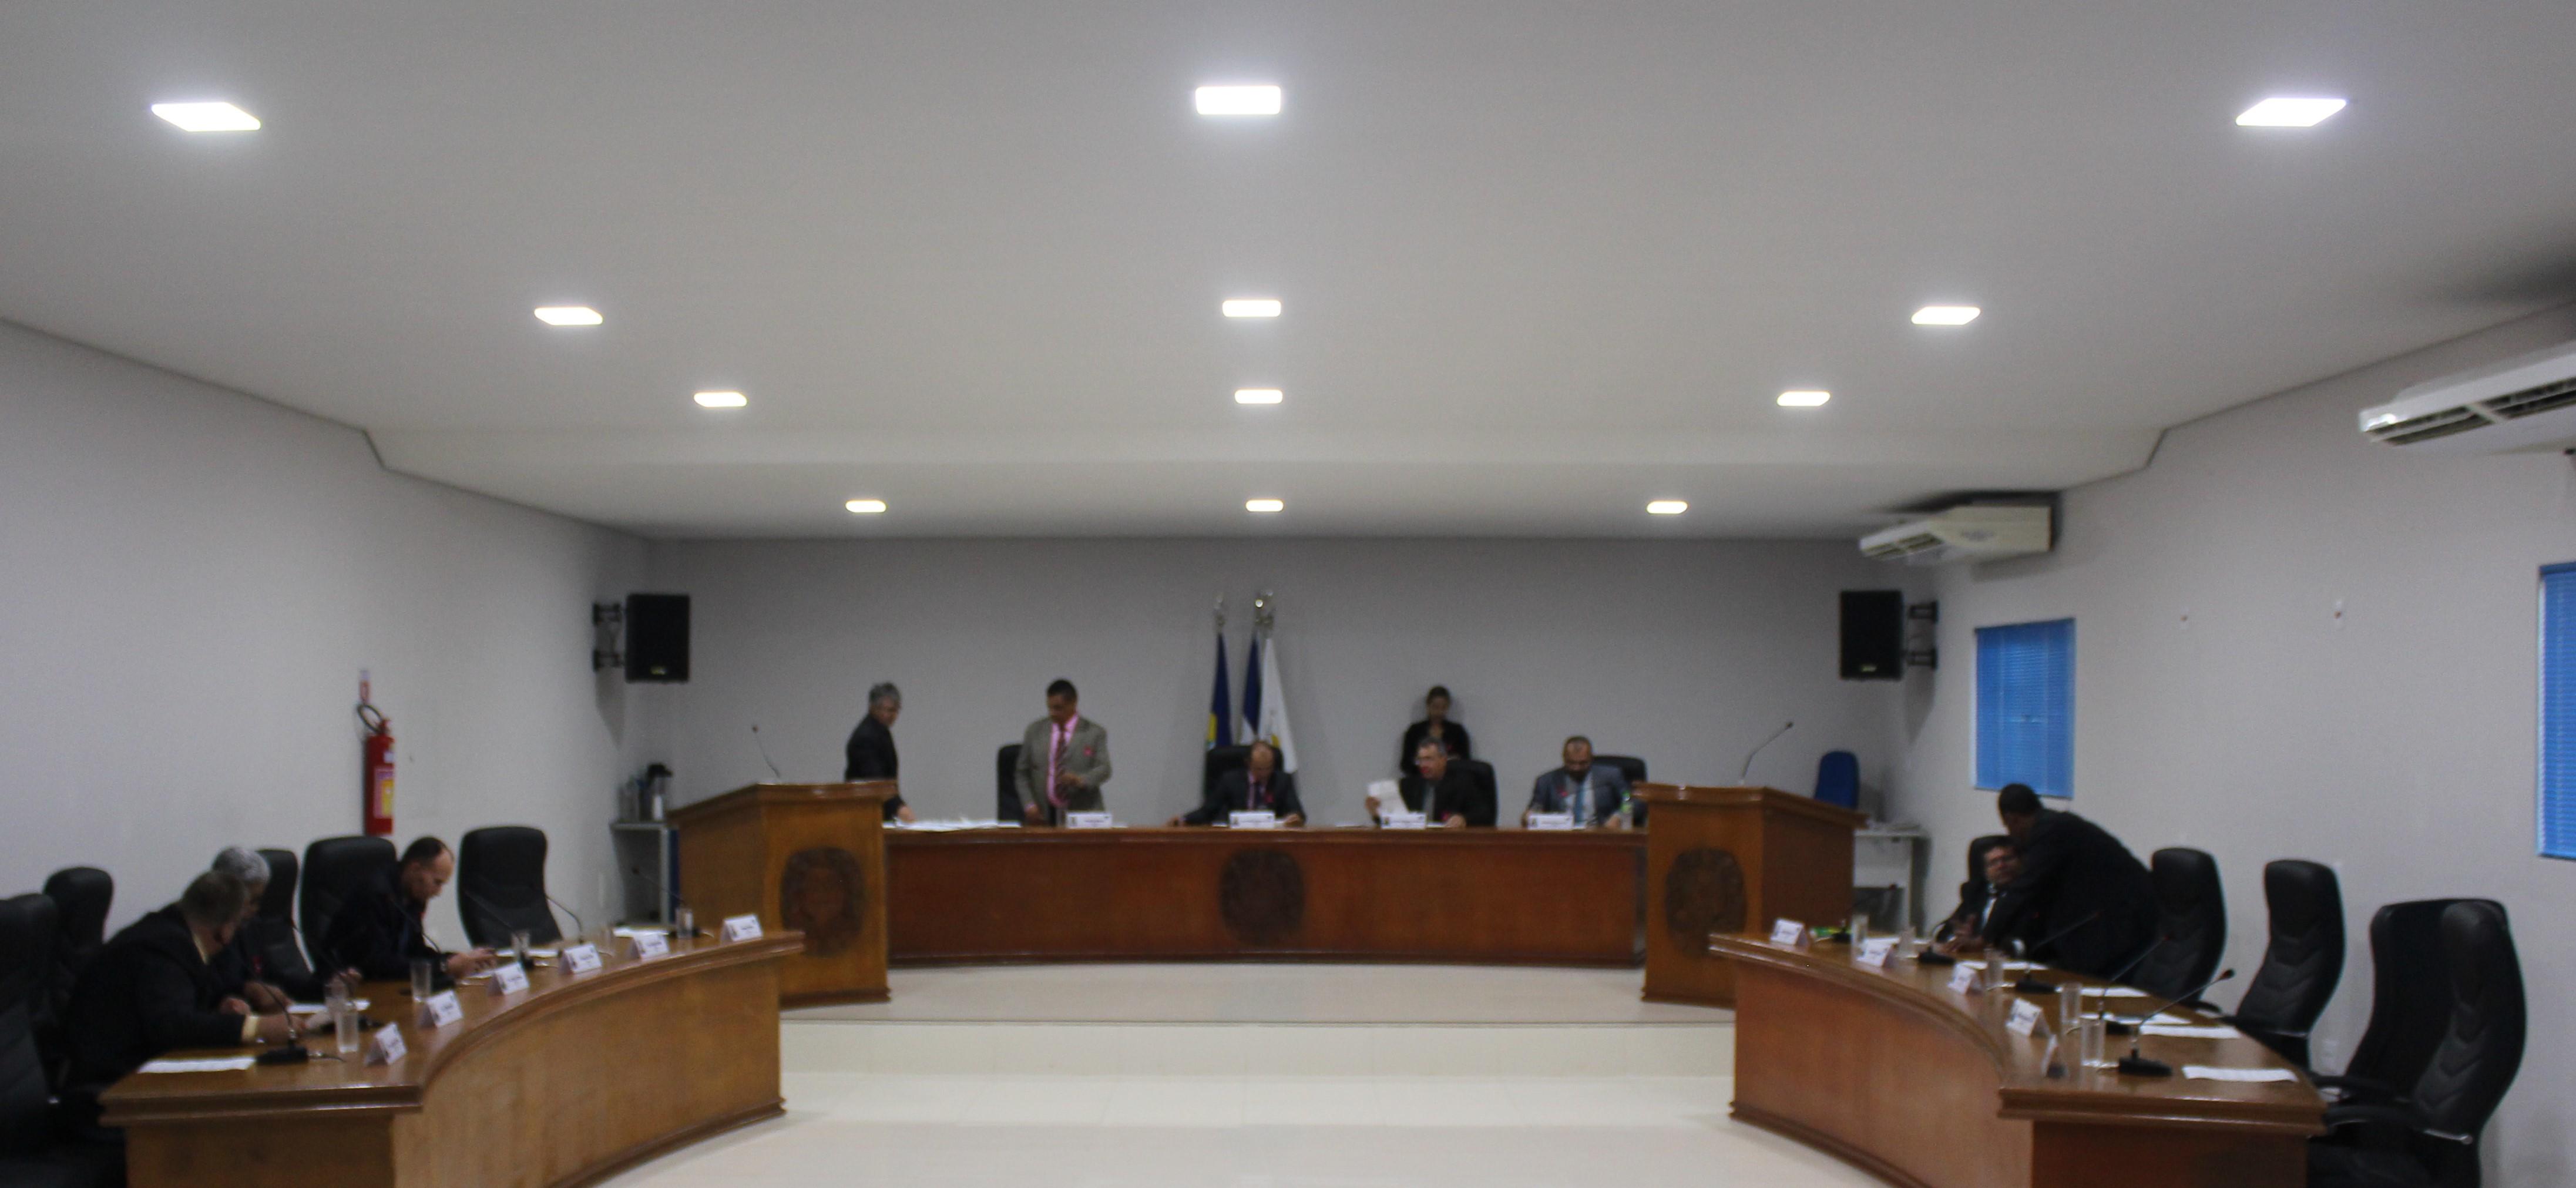 EM DECISÃO UNANIME CÂMARA MUNICIPAL DE JARU APROVA MOÇÃO DE APLAUSO A EMPRESÁRIO POR TRABALHO SOCIAL